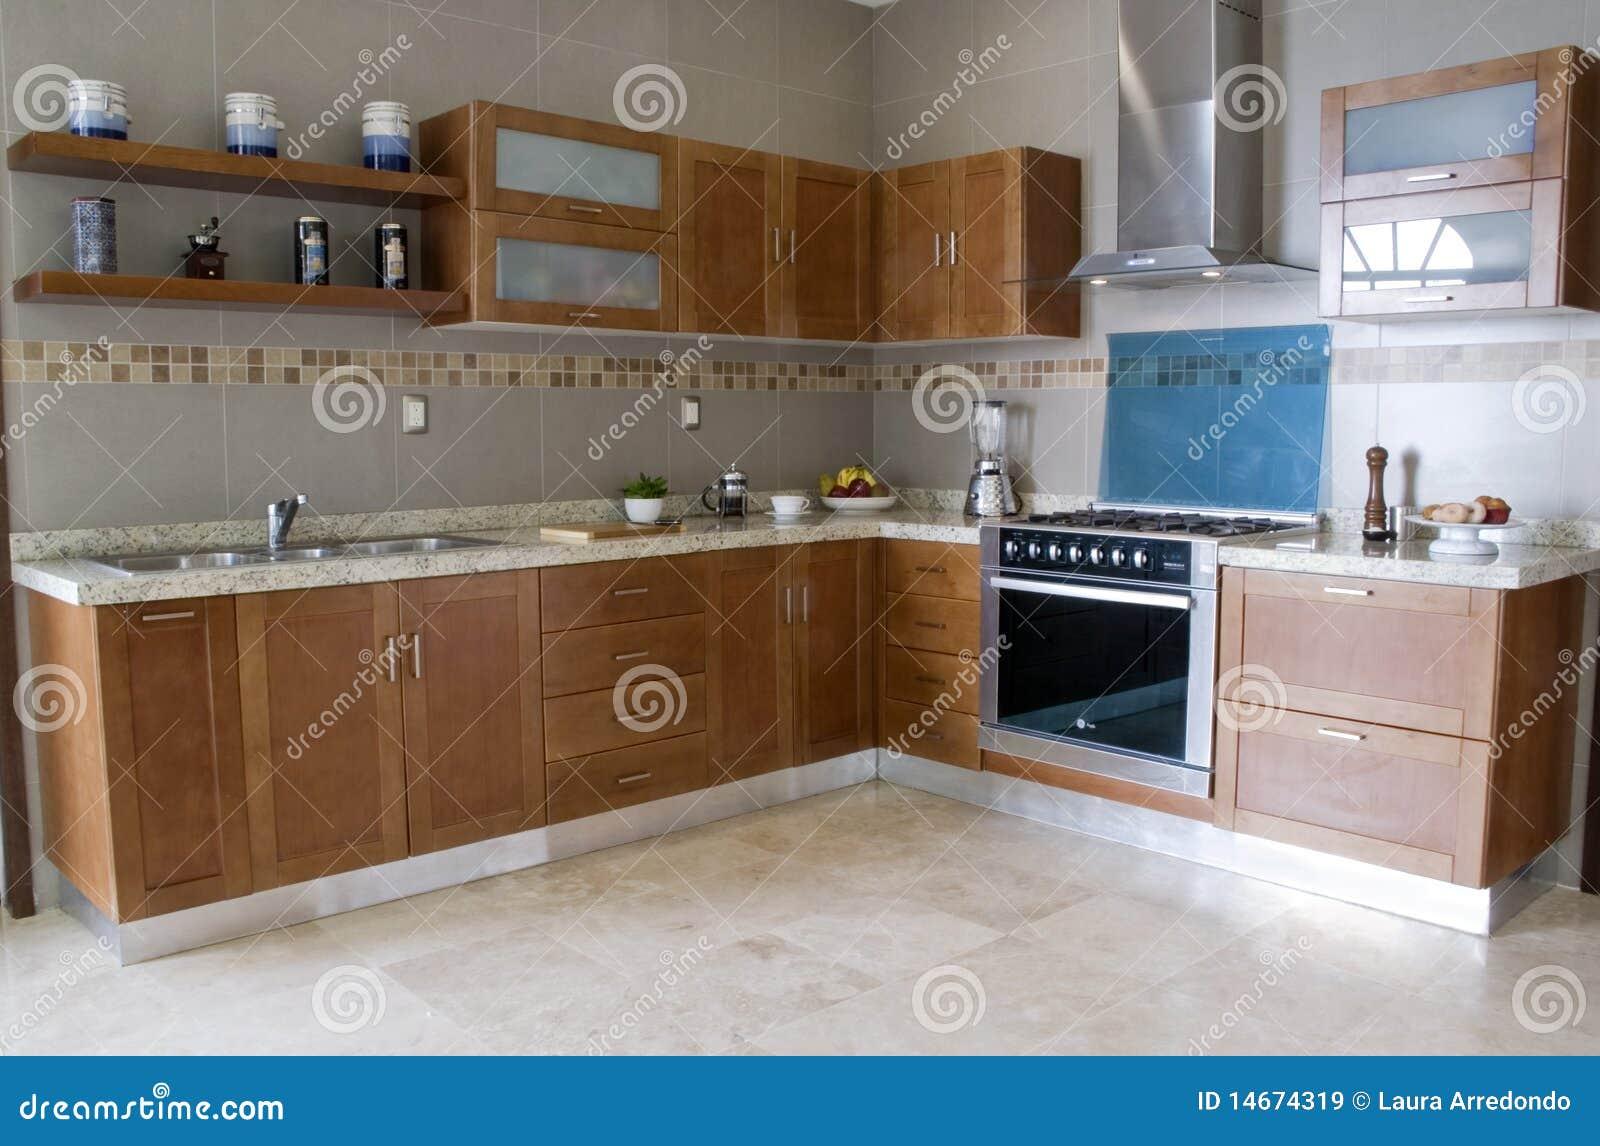 Peach kitchen cabinets - Peach color kitchen ...